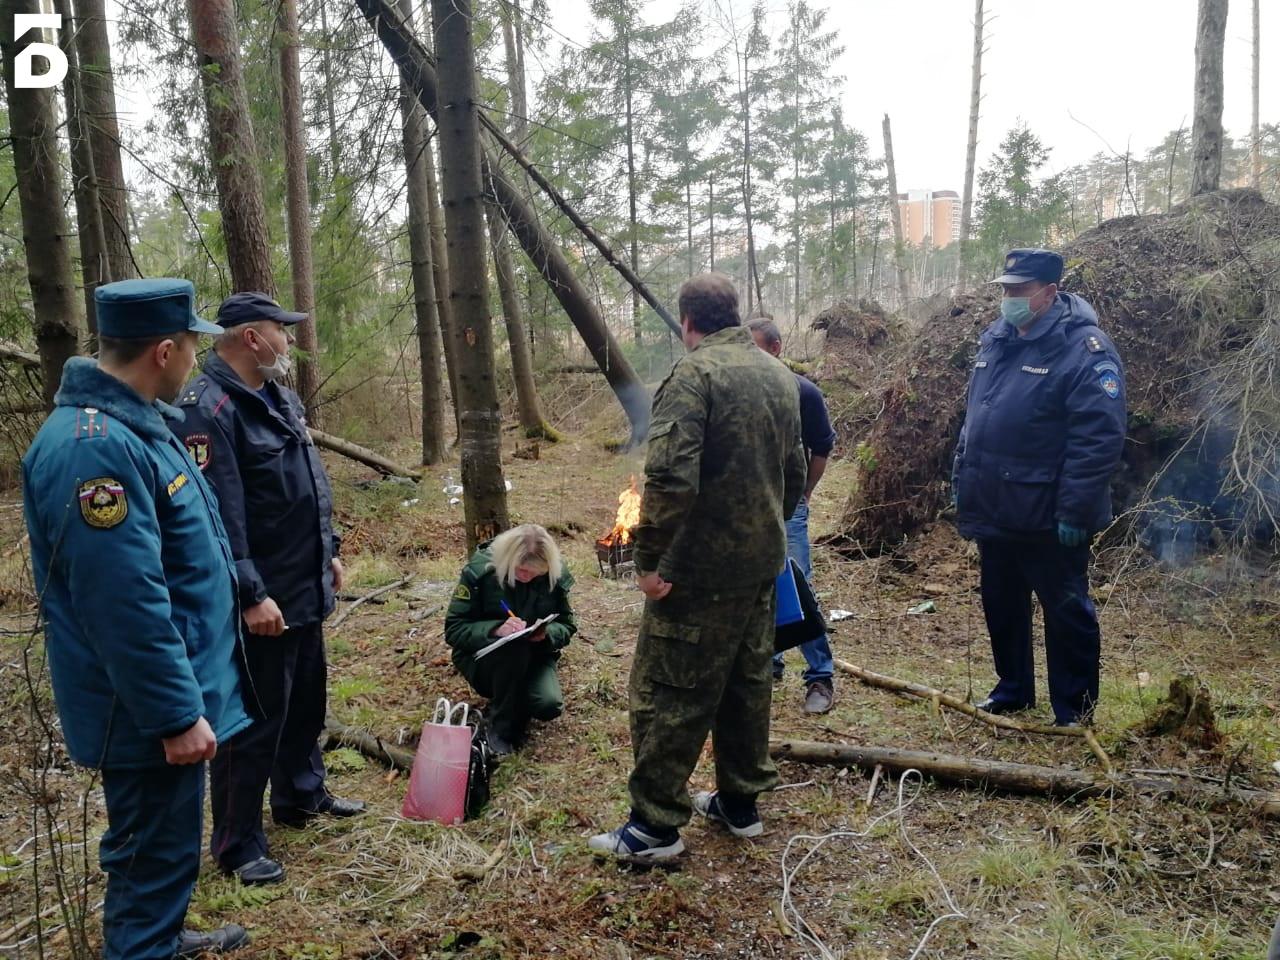 Спасатели Балашихи патрулируют лесные массивы в усиленном режиме